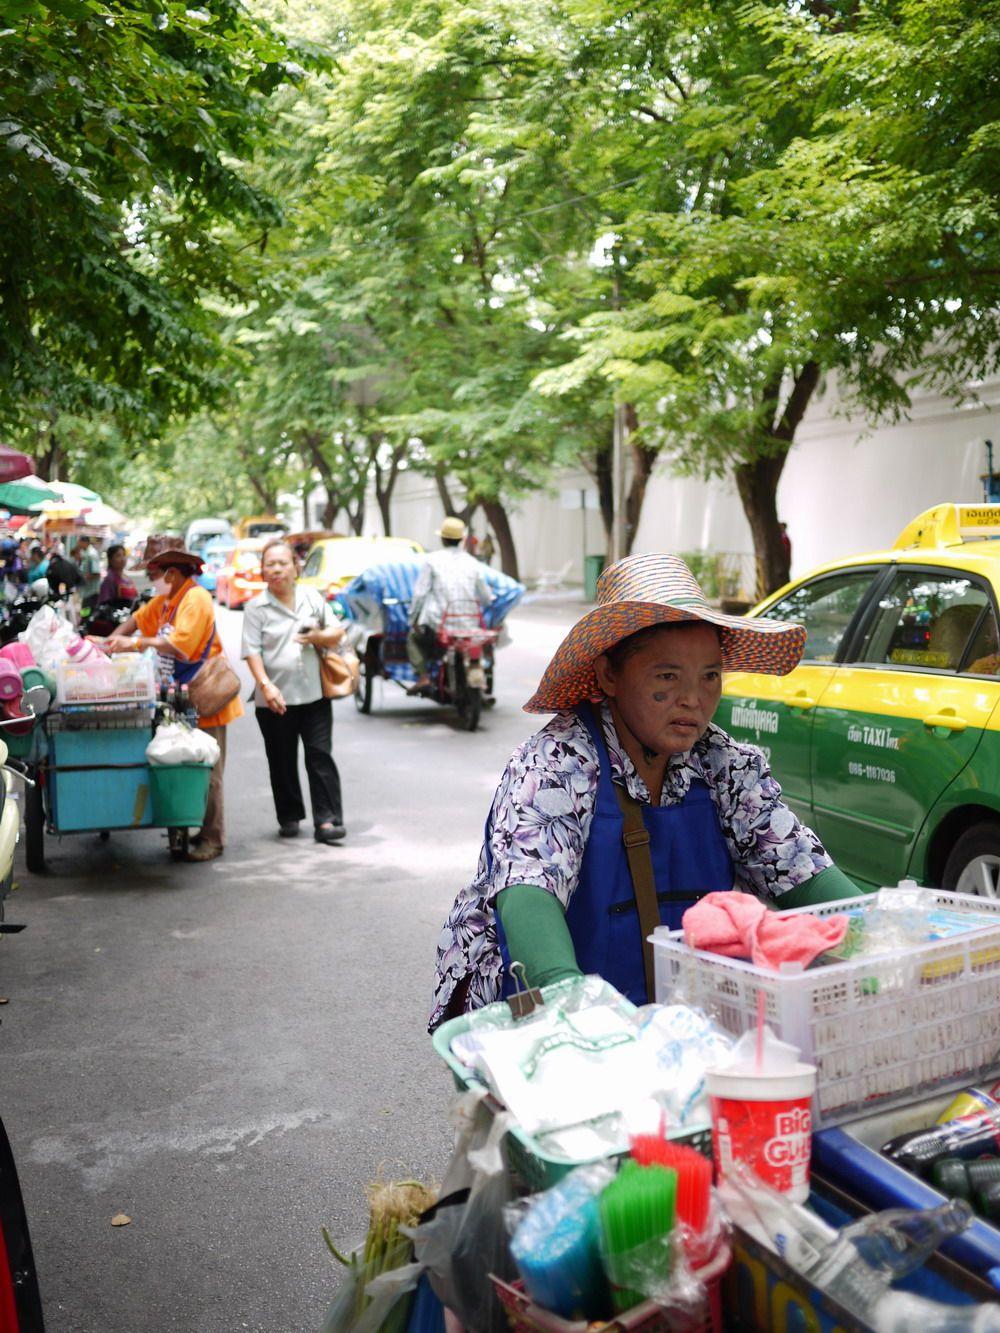 タイのお守りプラクルアンの屋台が並ぶストリート タイ 屋台 遺跡